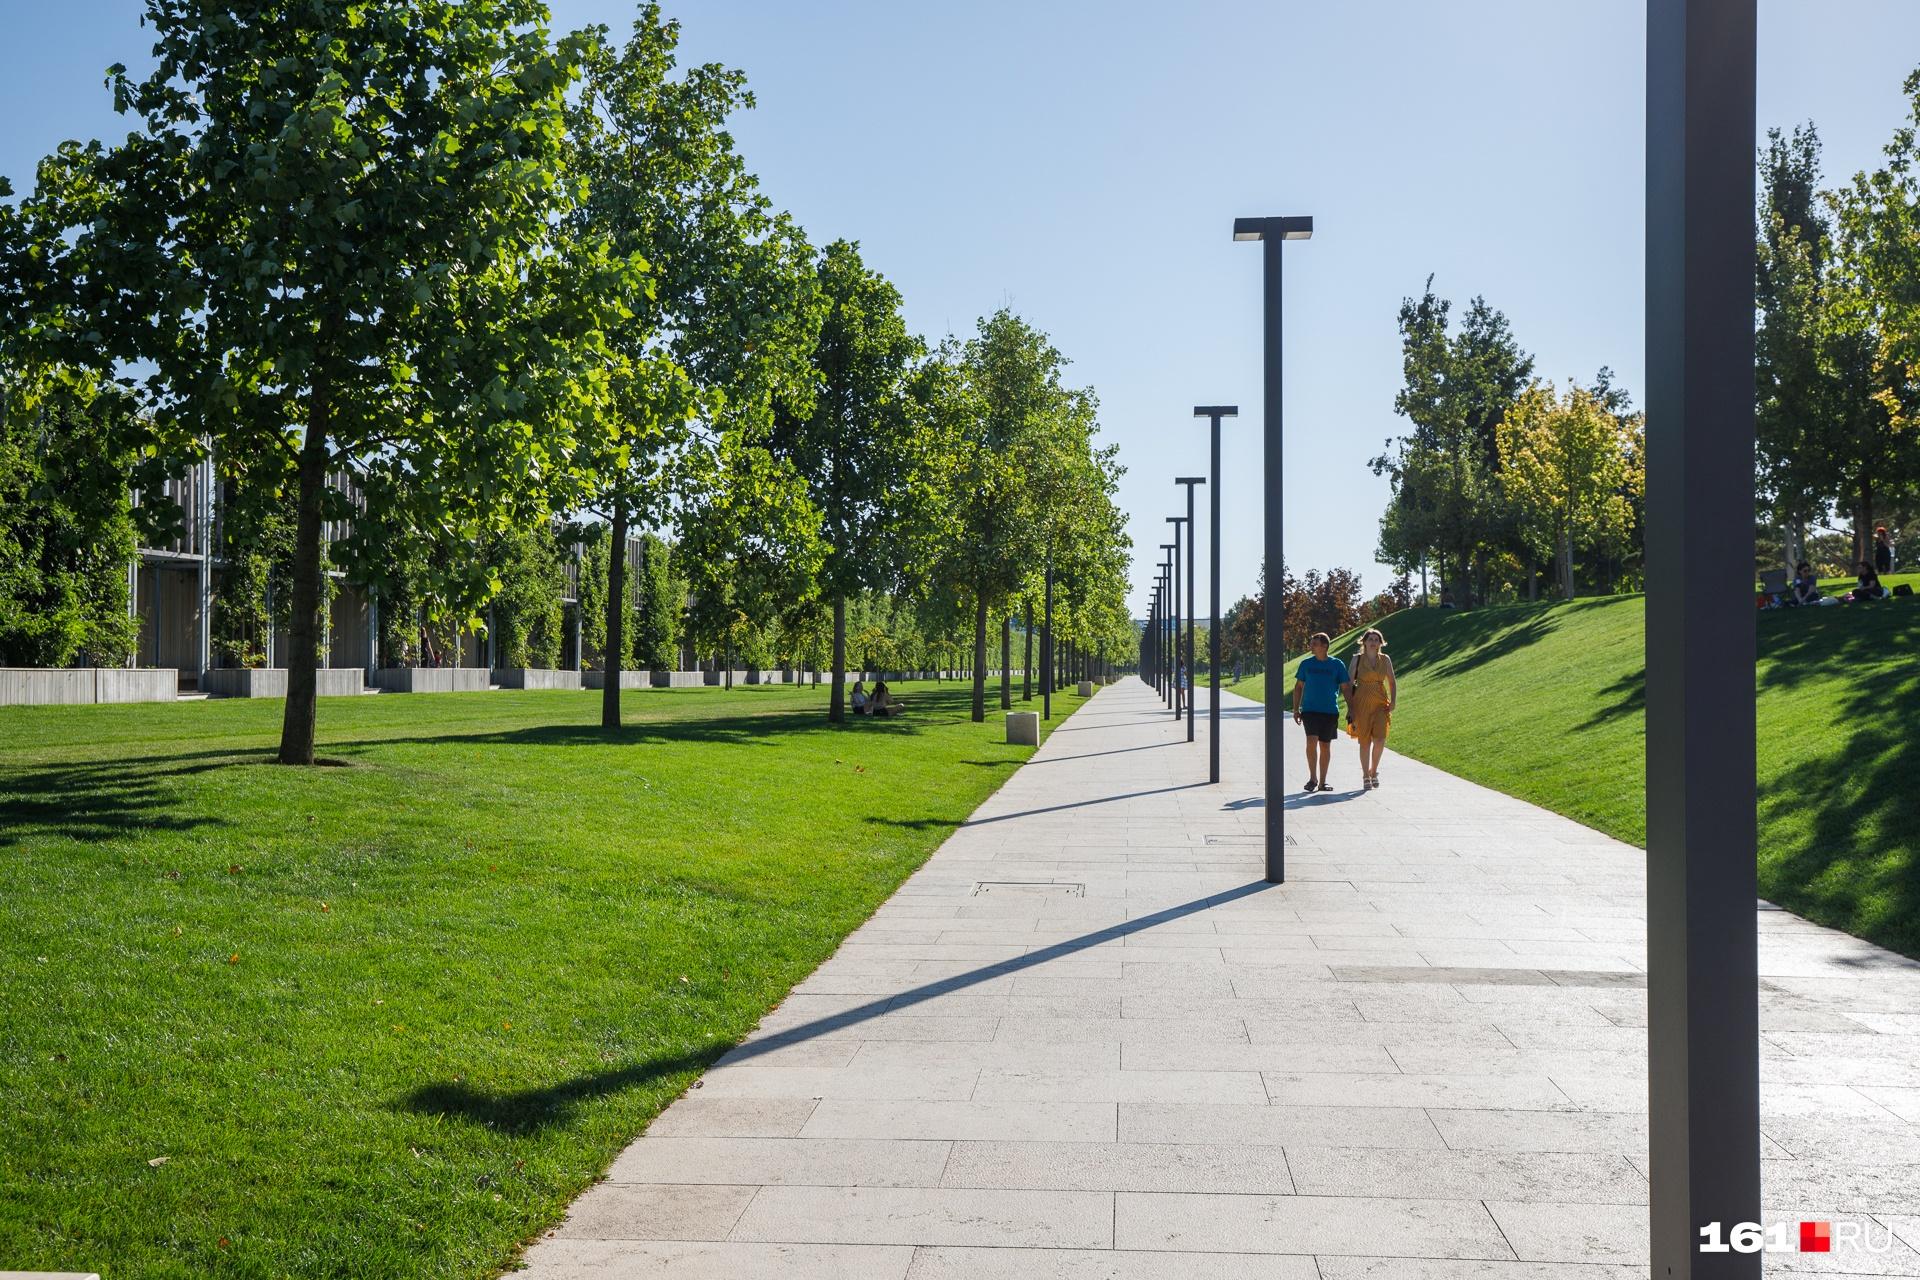 Это одно из немногих мест в Краснодаре, где можно спокойно прогуляться среди зеленых деревьев